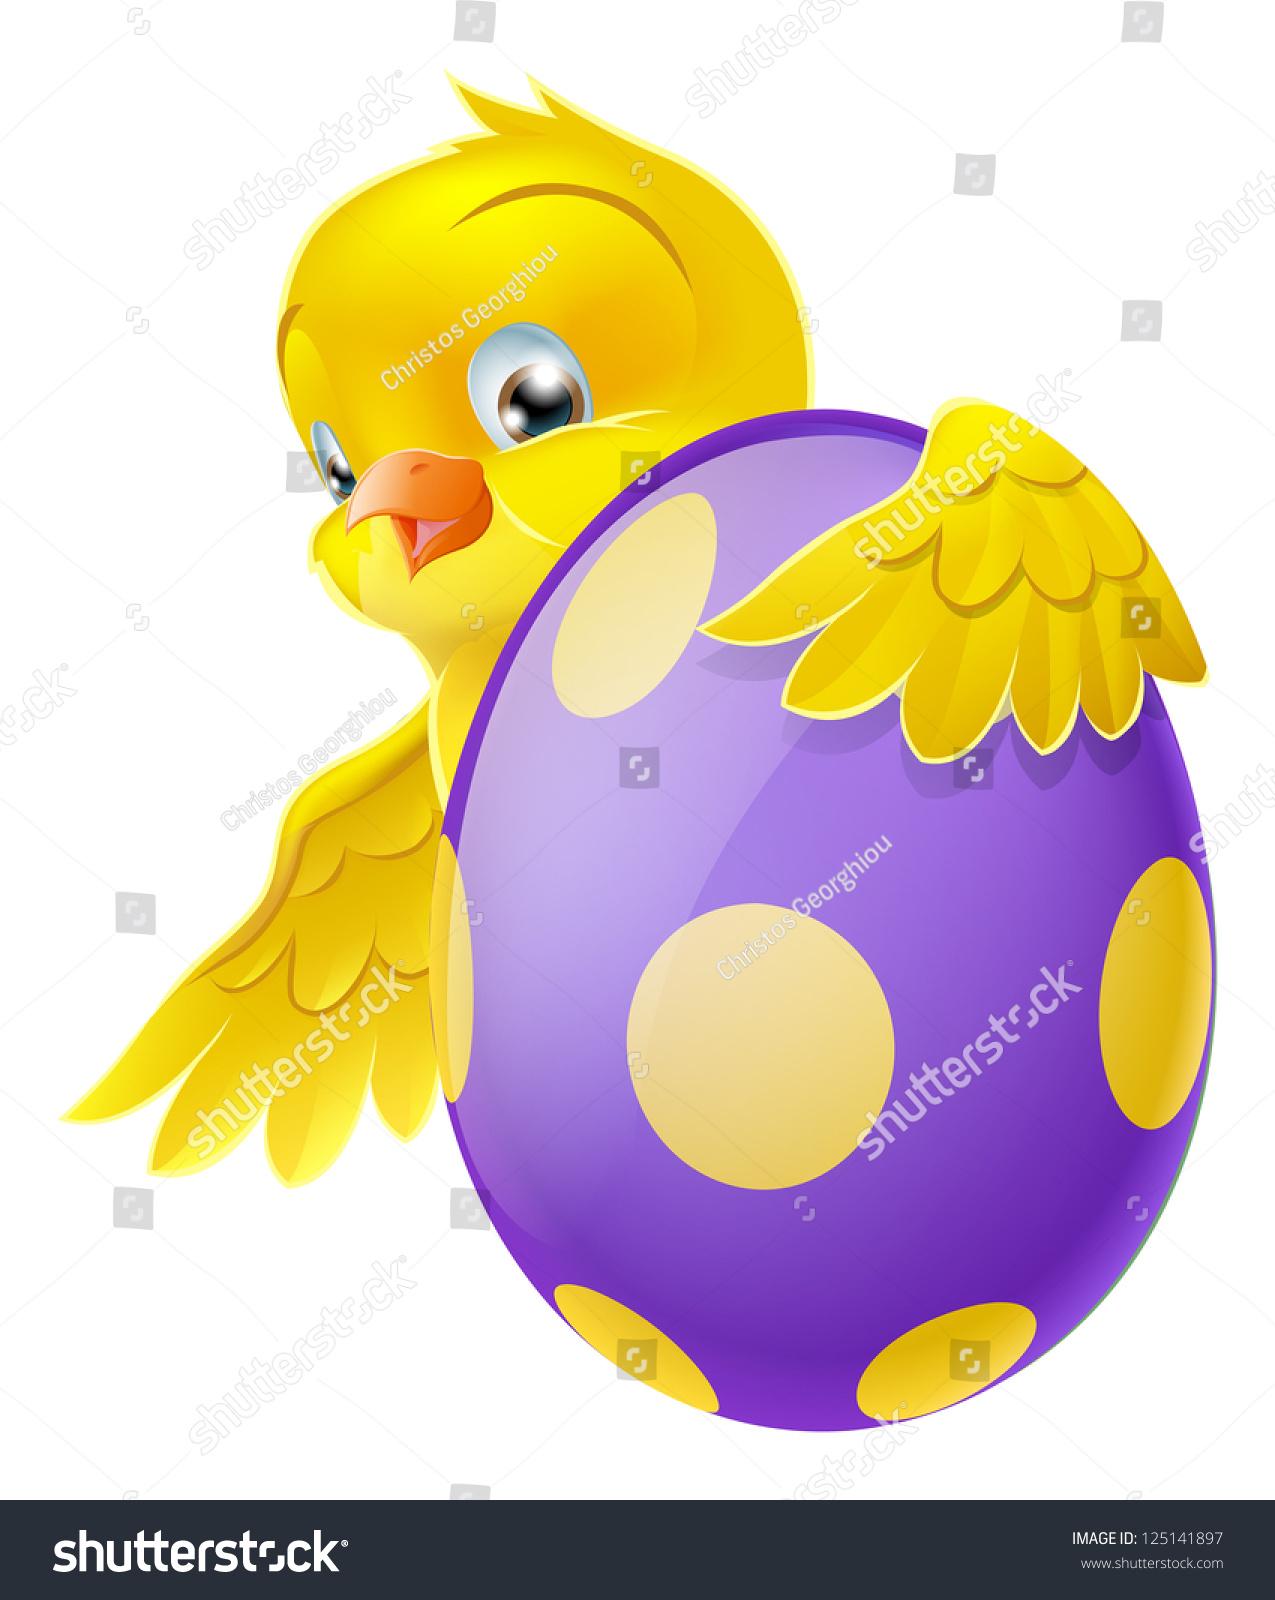 可爱的复活节小鸡卡通人物抓住和窥视涂巧克力复活节